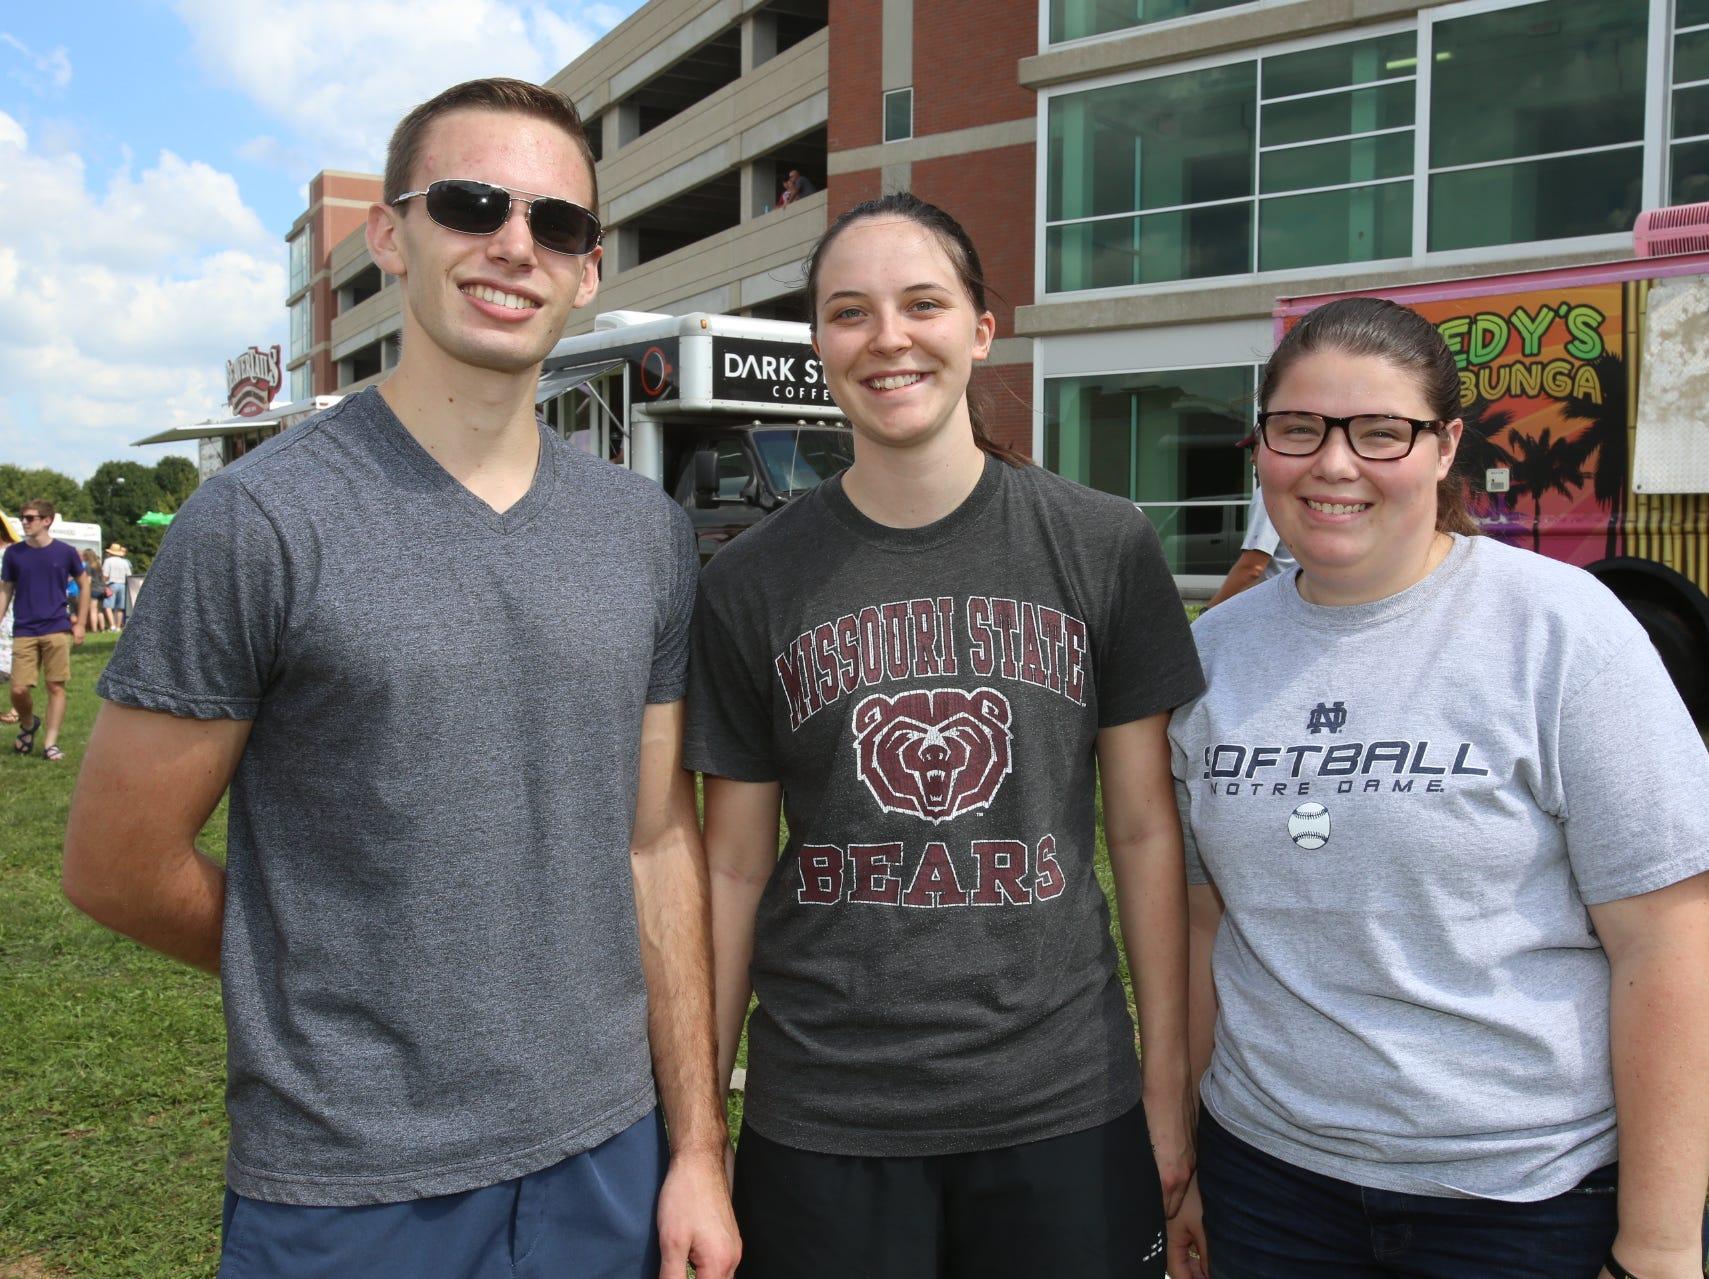 Ben Lyford, Carley Allen, and Kathy Prestwich